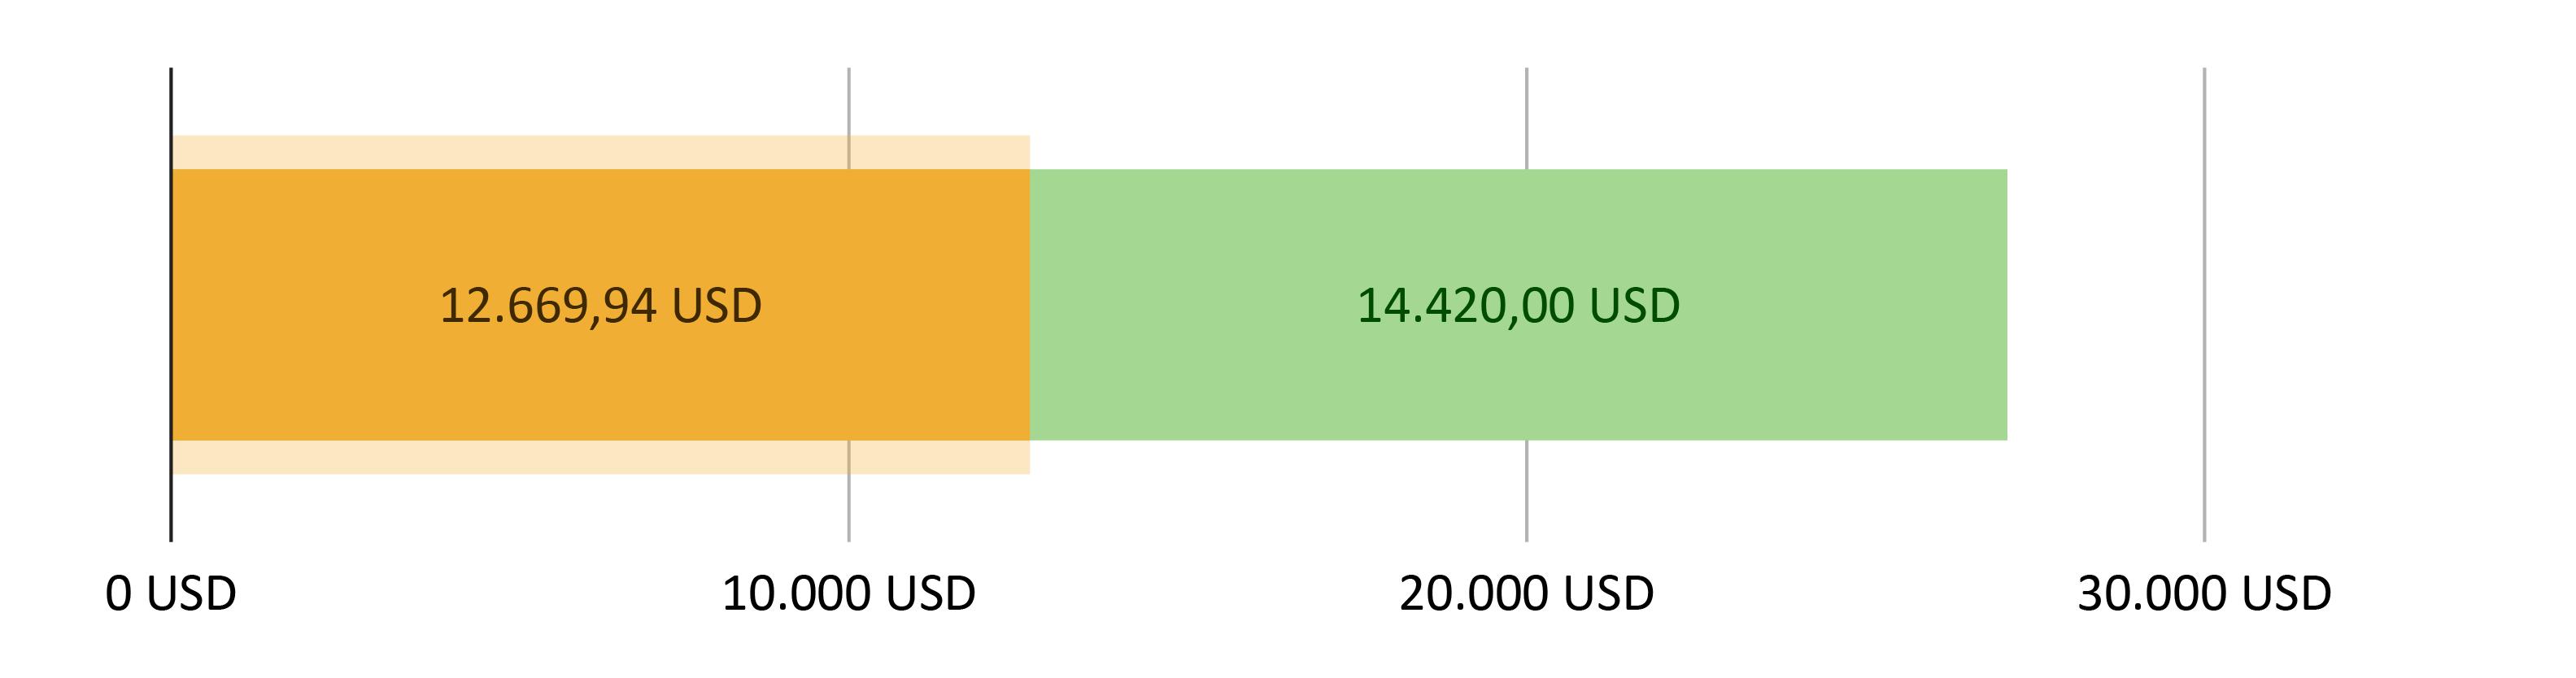 Elköltött összeg 12,669.94 USD; fennmaradó összeg 14,420.00 USD.